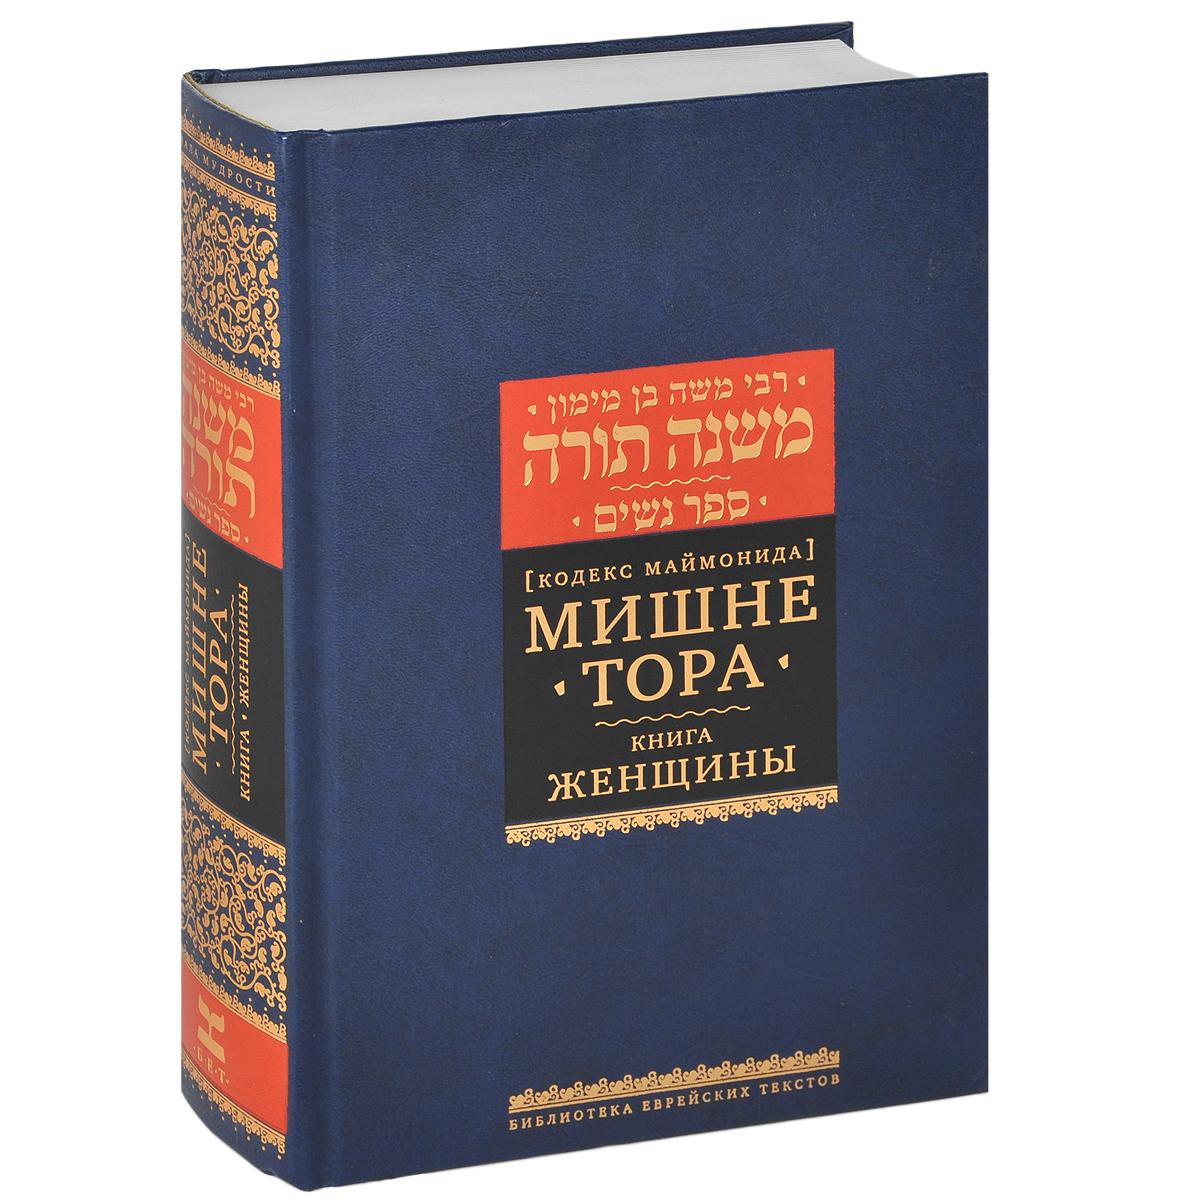 Мишне Тора (Кодекс Маймонида). Книга 4. Женщины